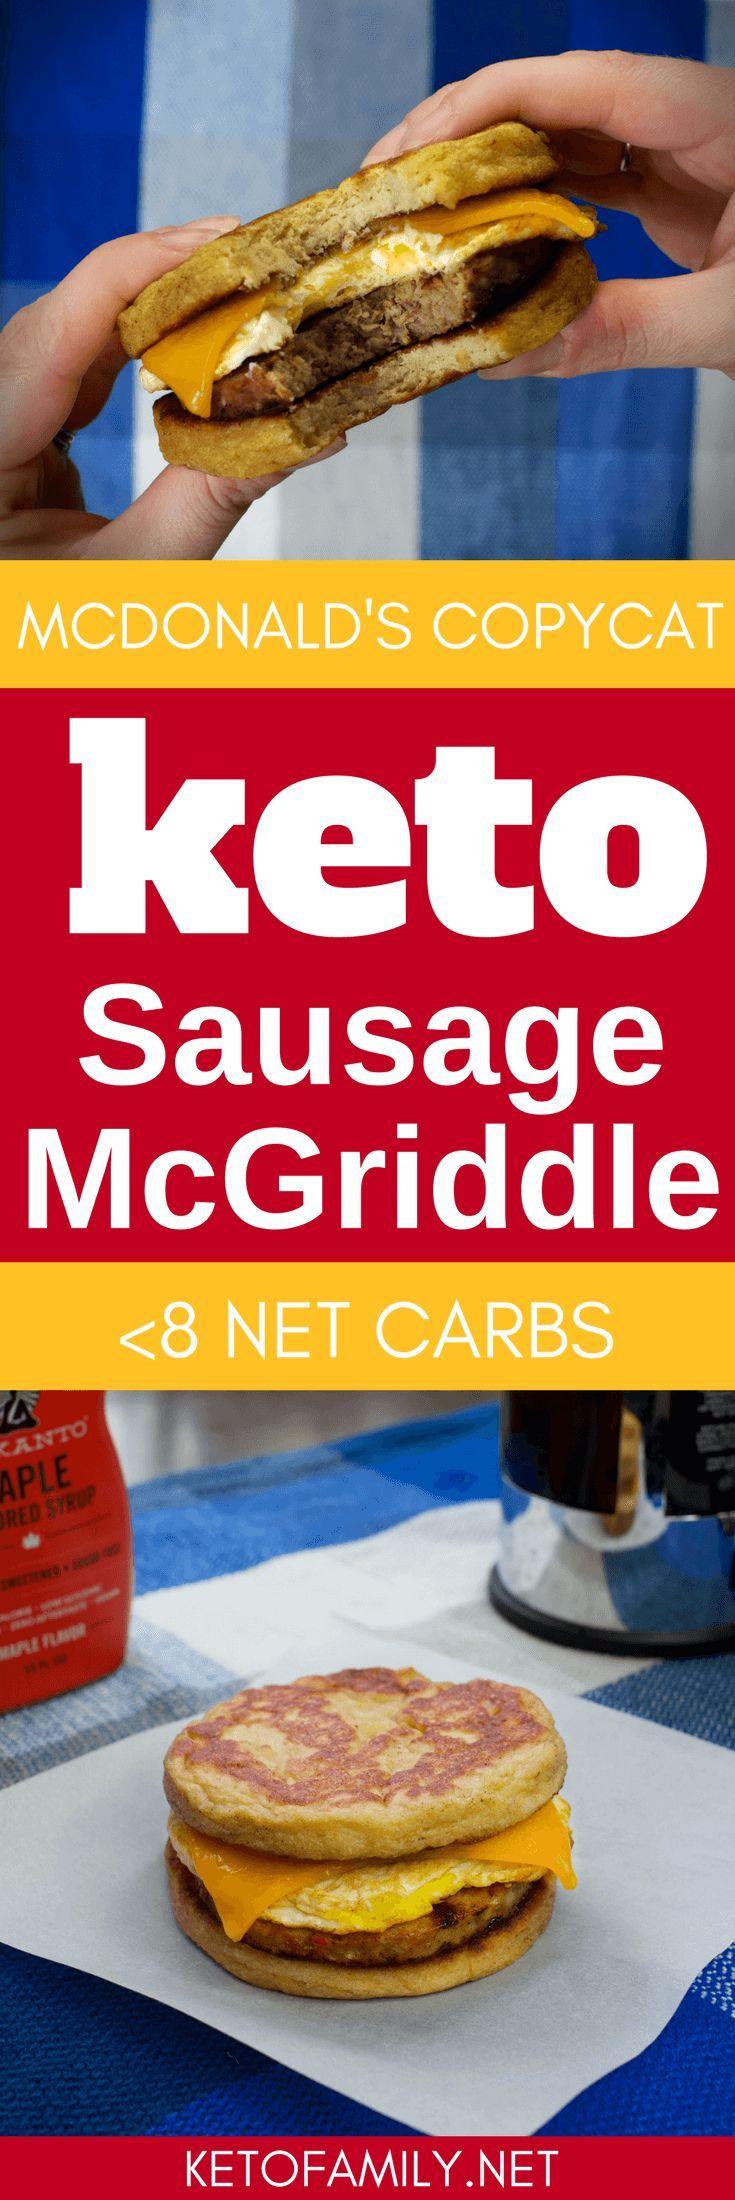 Keto Sausage McGriddles: Low carb McDonald?s breakfast sandwich copycat